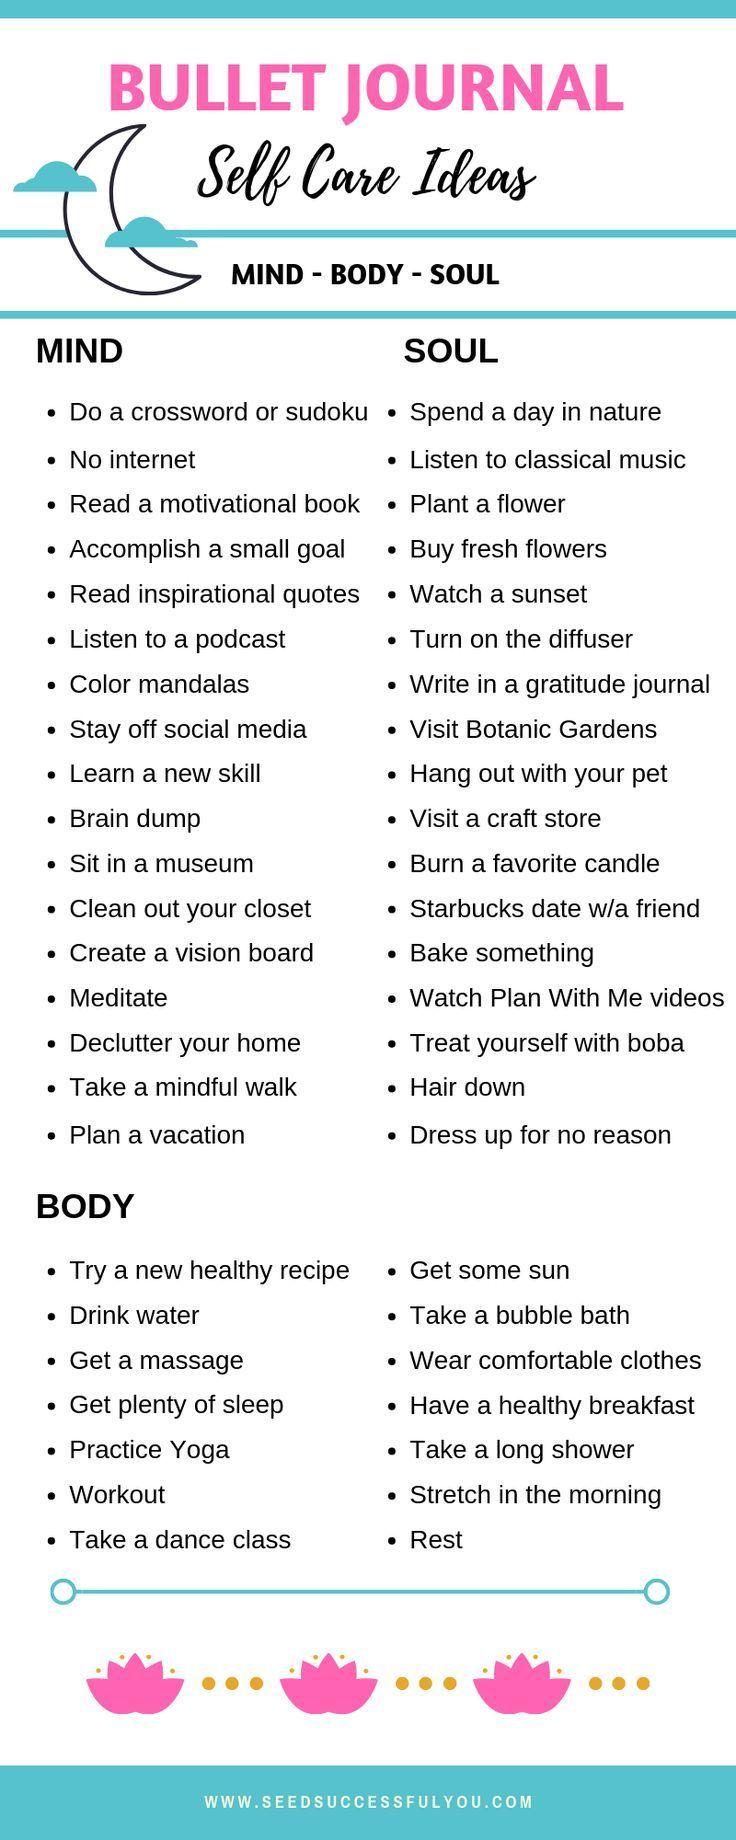 48 Bullet Journal Idee per la cura di sé per una mente, un corpo e un'anima sani!